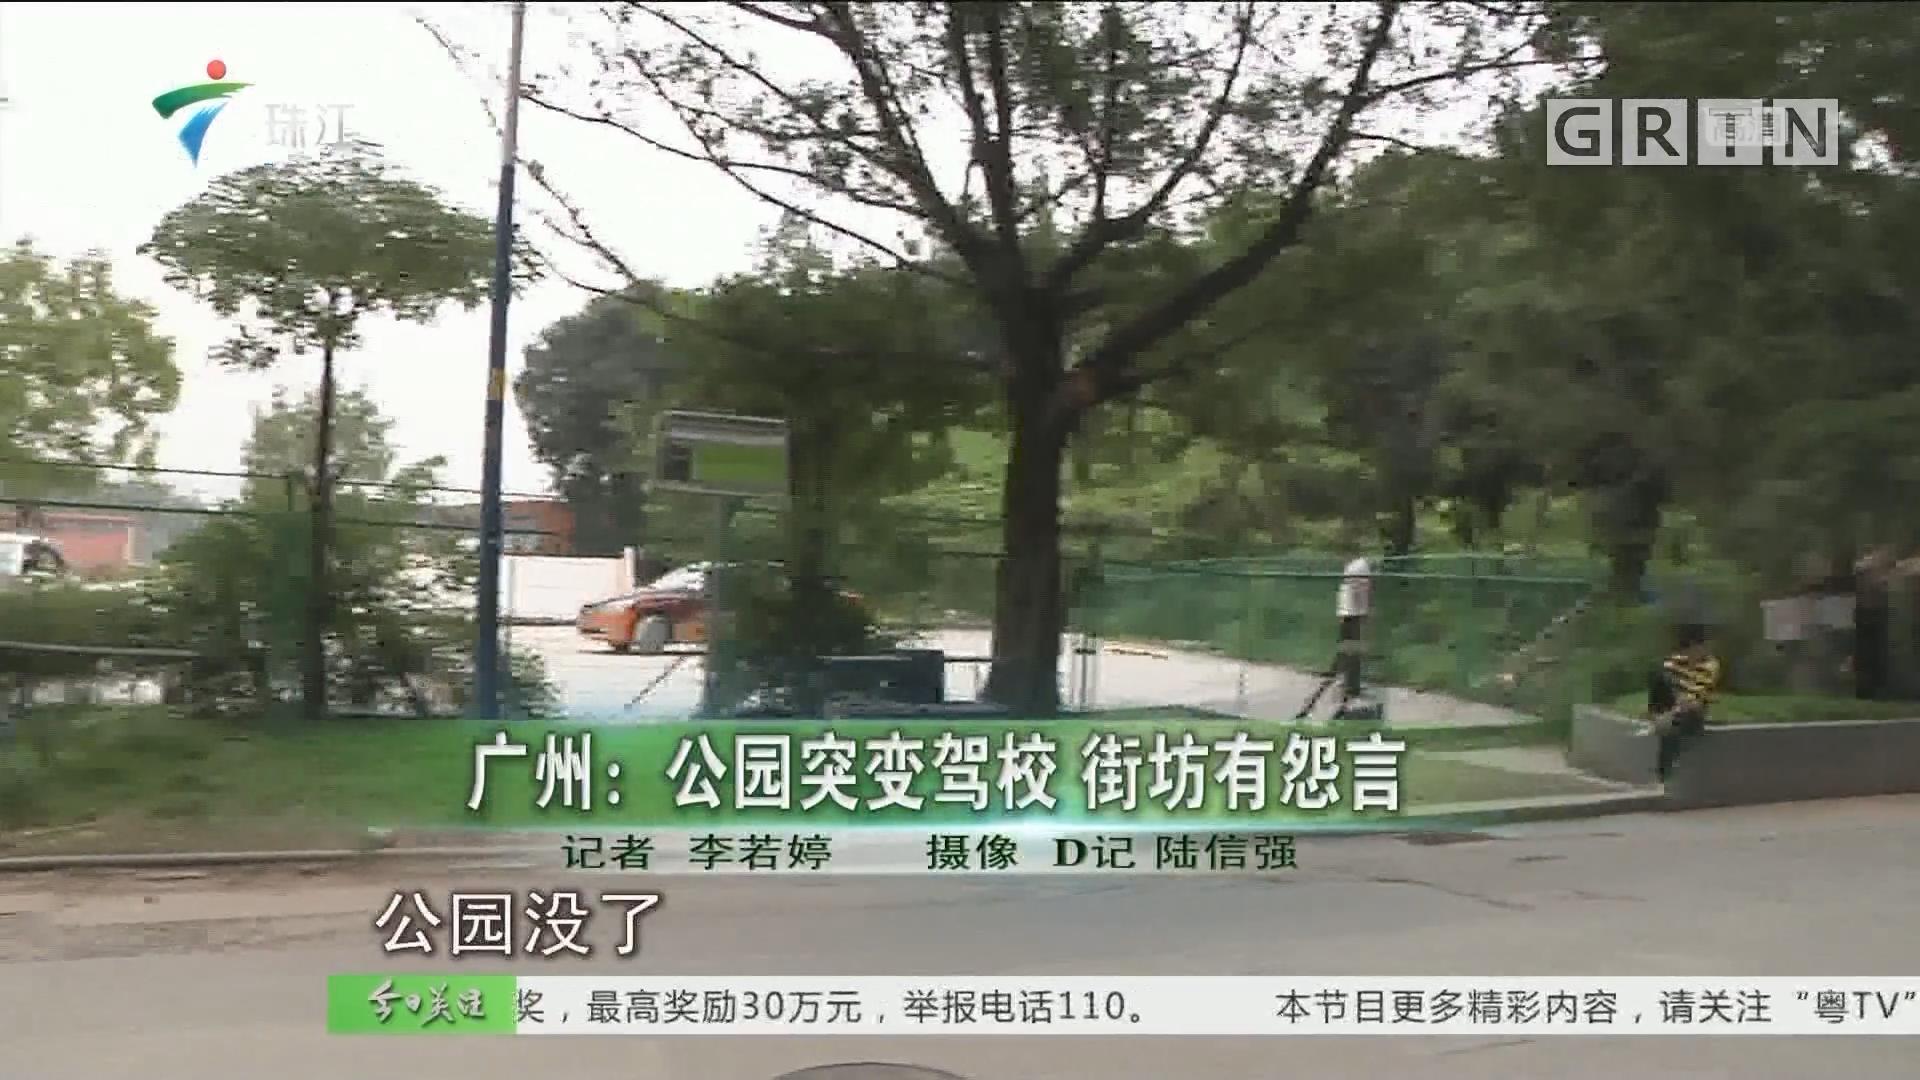 广州:公园突变驾校 街坊有怨言